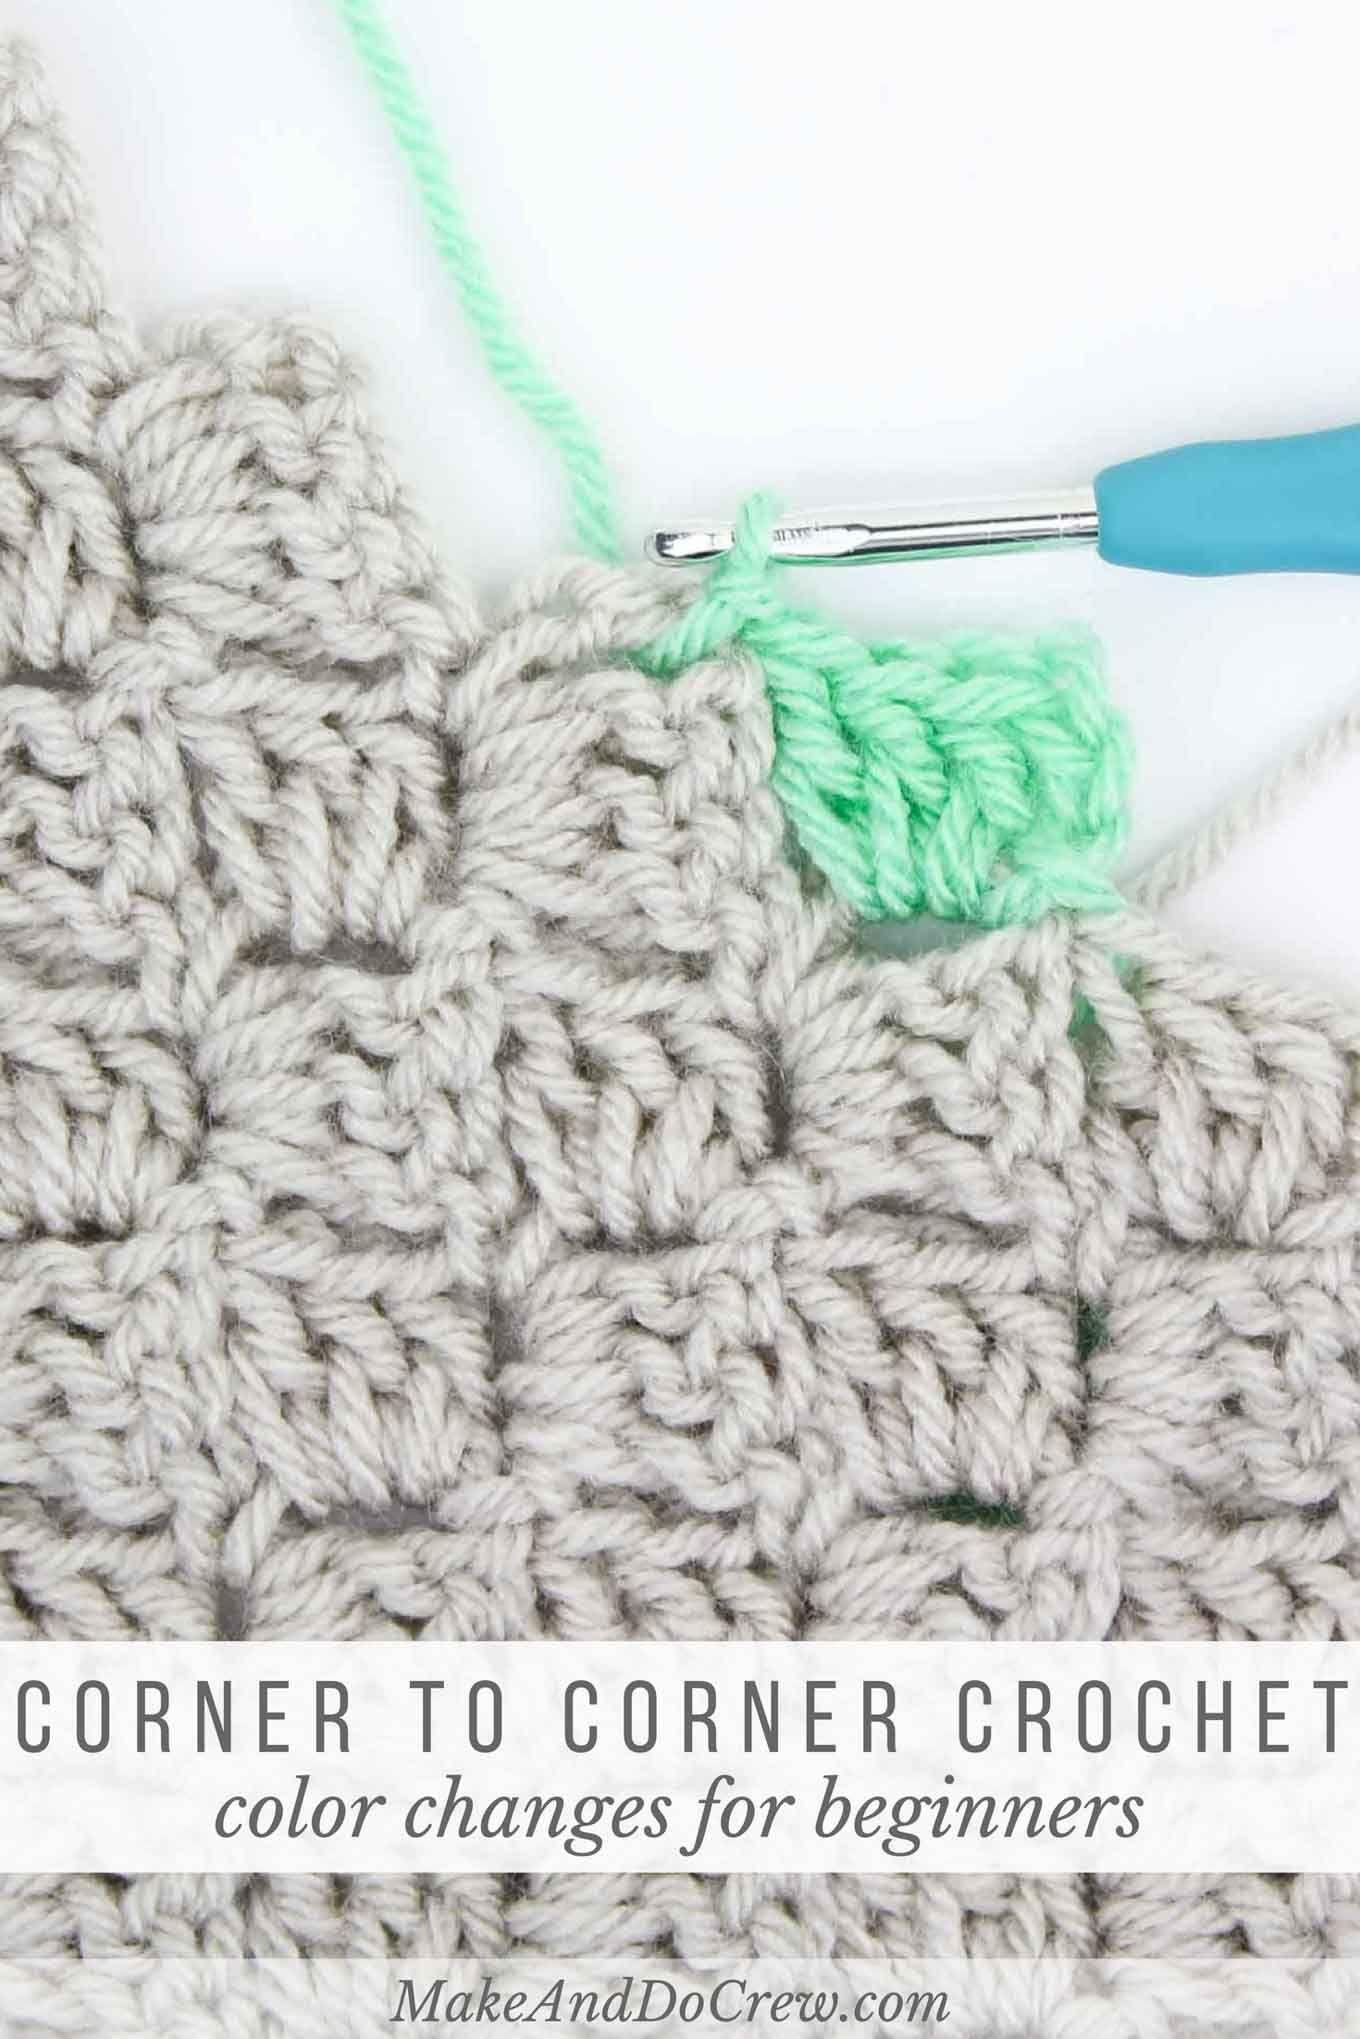 How to Corner to Corner Crochet (C2C) for Beginners | C2C crochet ...